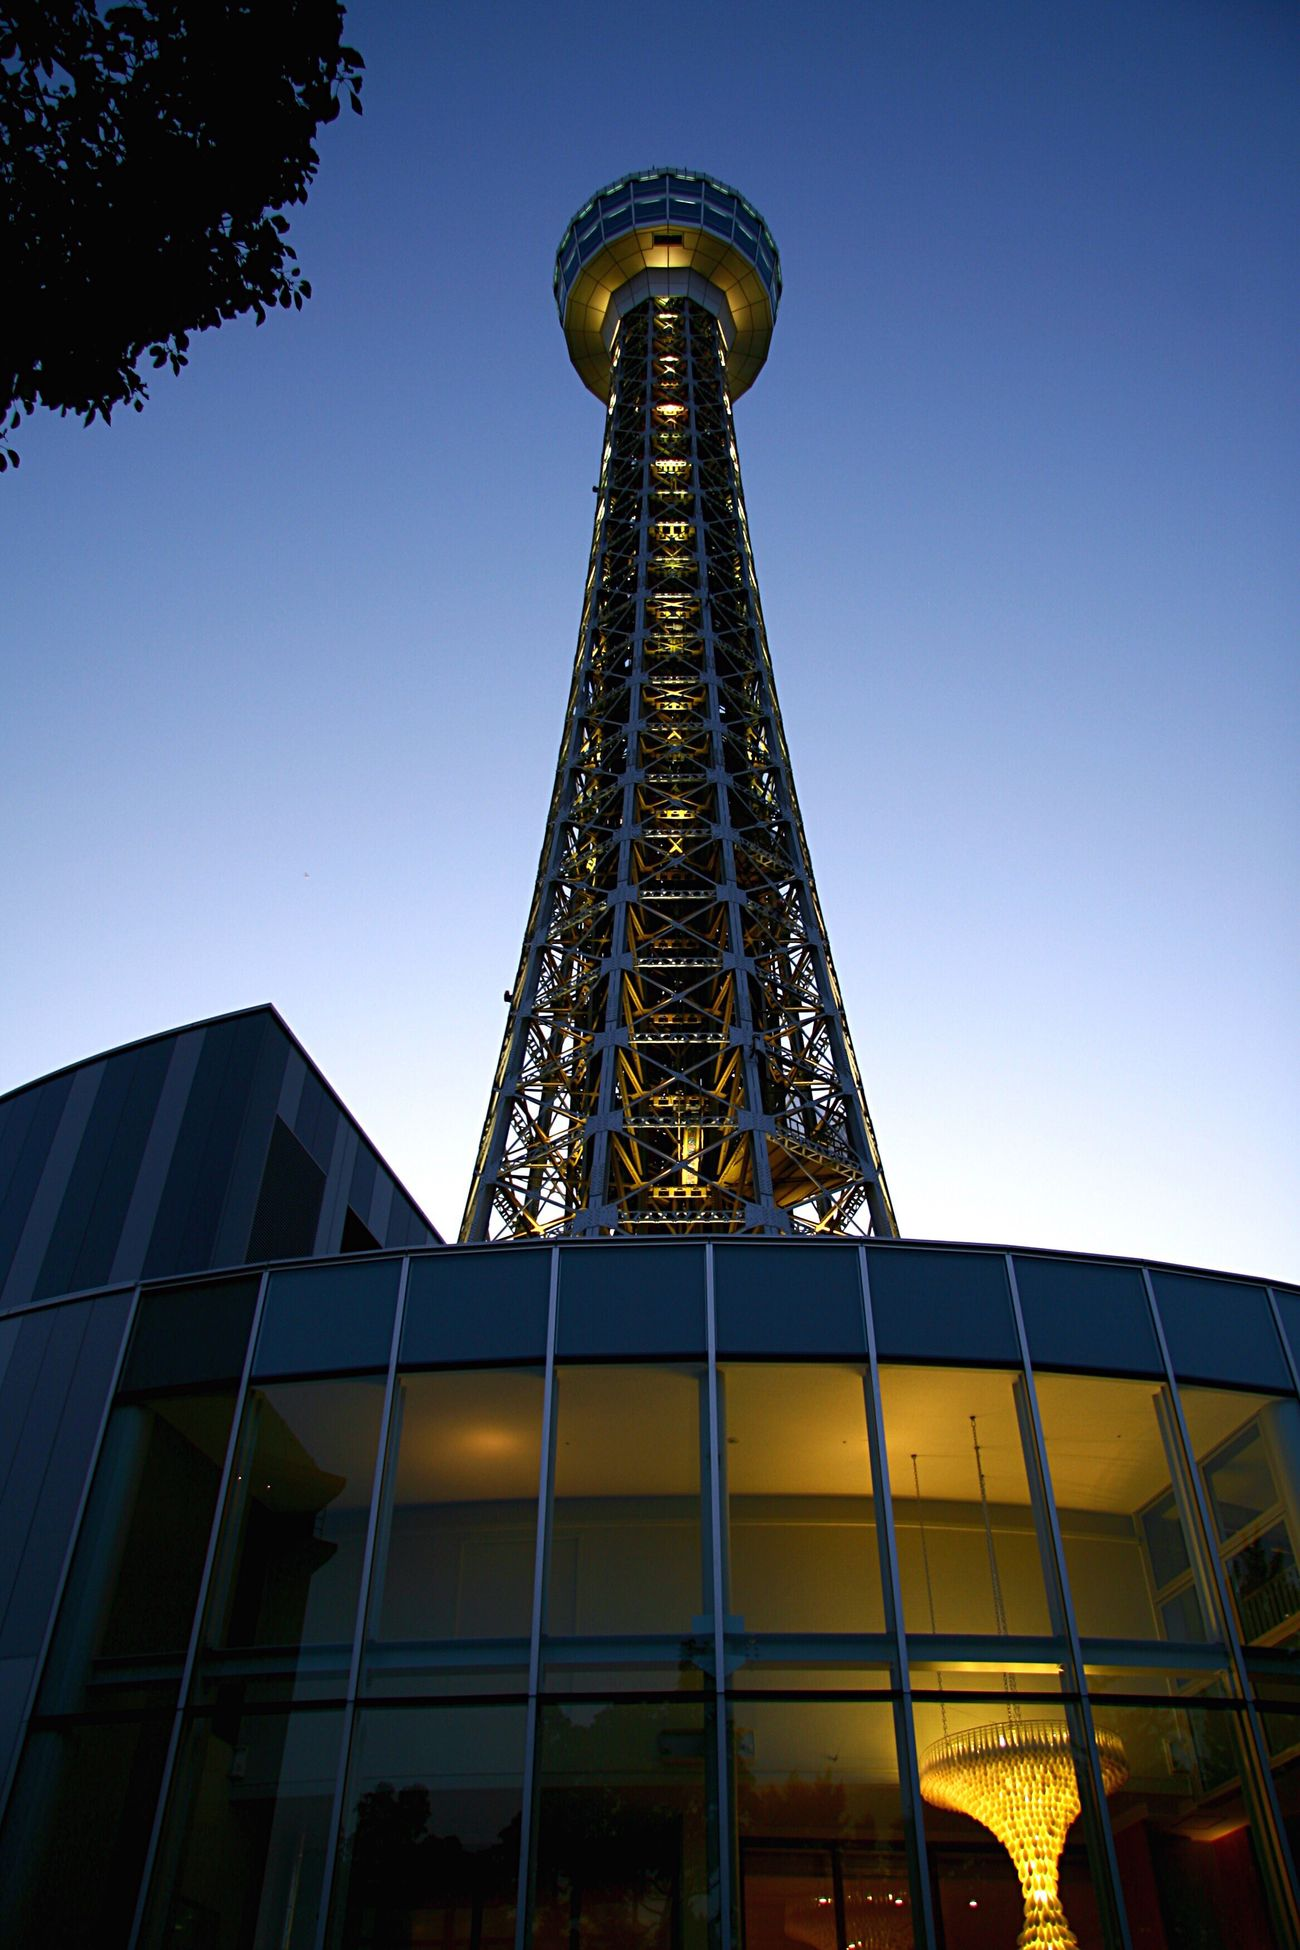 マリンタワー Japan Tower Yokohama Architecture Evening Light And Shadow Light Lights Yokohama Marine Tower The Architect - 2016 EyeEm Awards